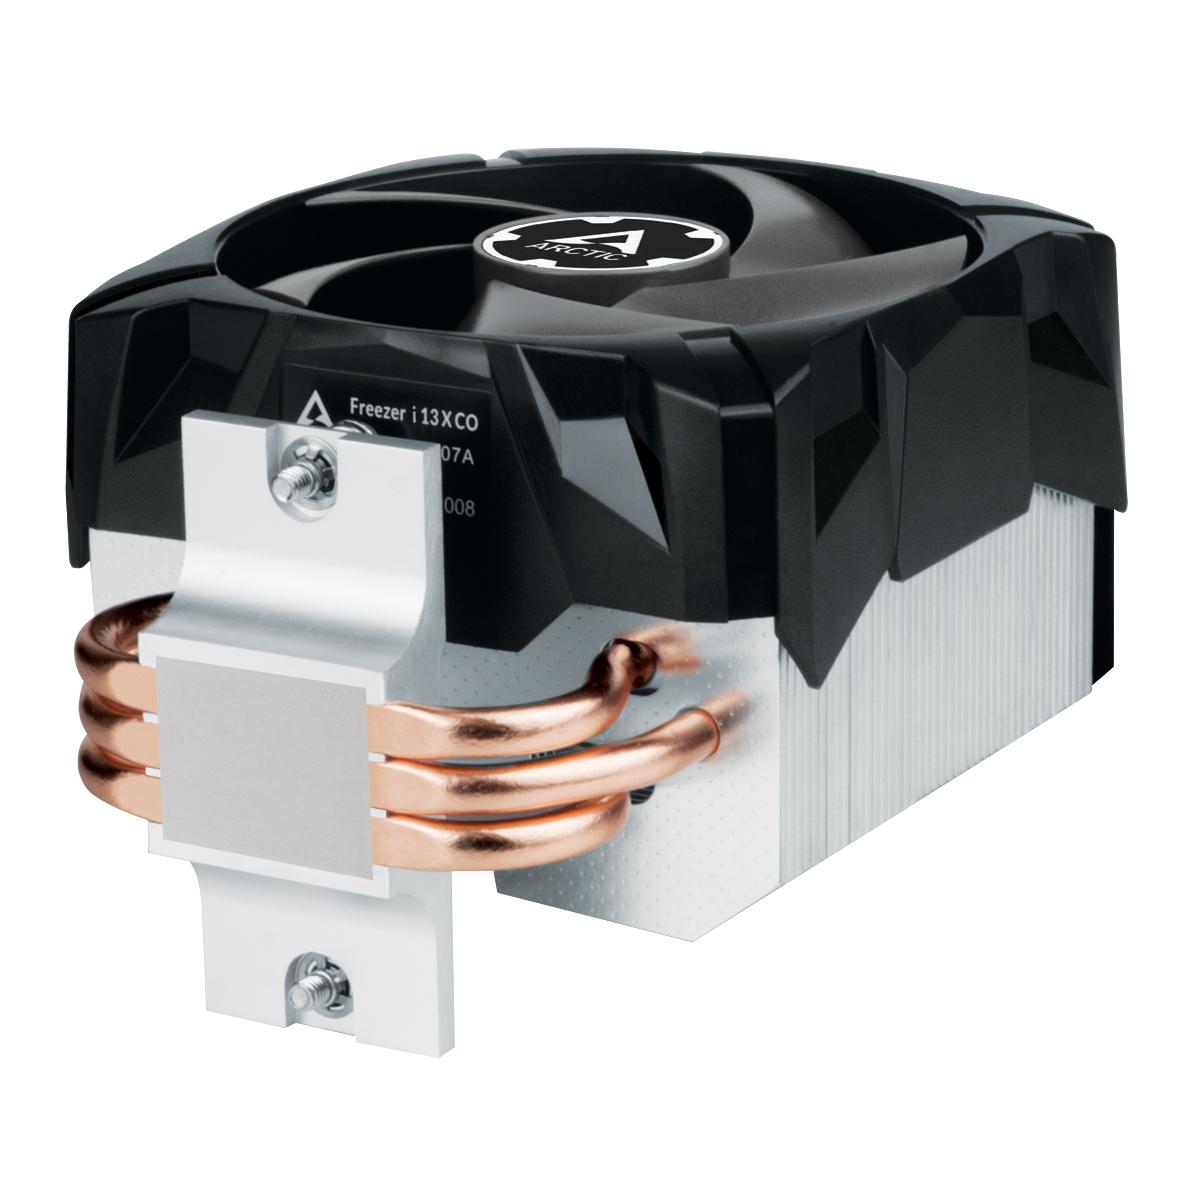 Freezer i13 X  CO